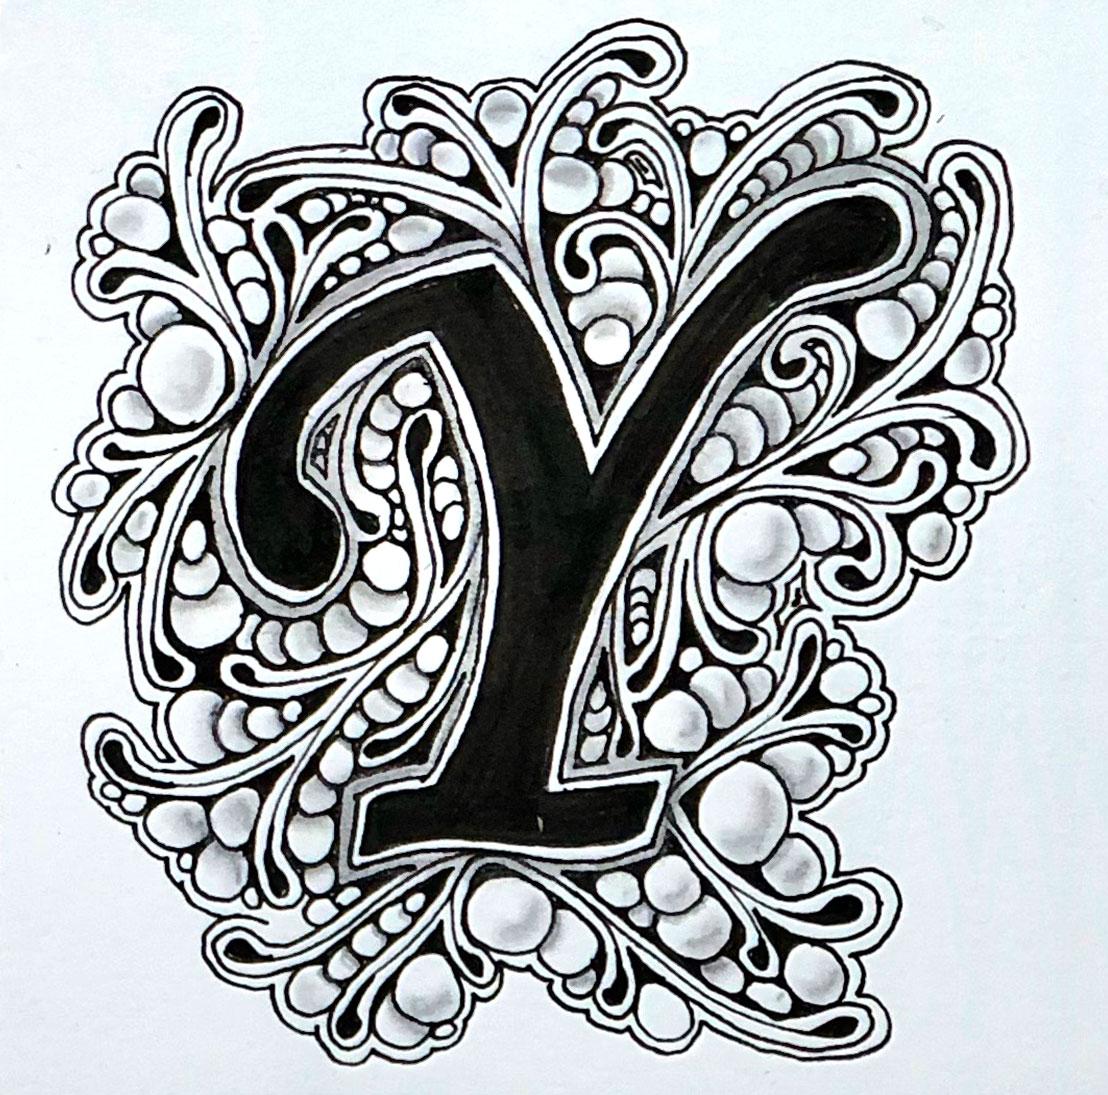 Embedded Y